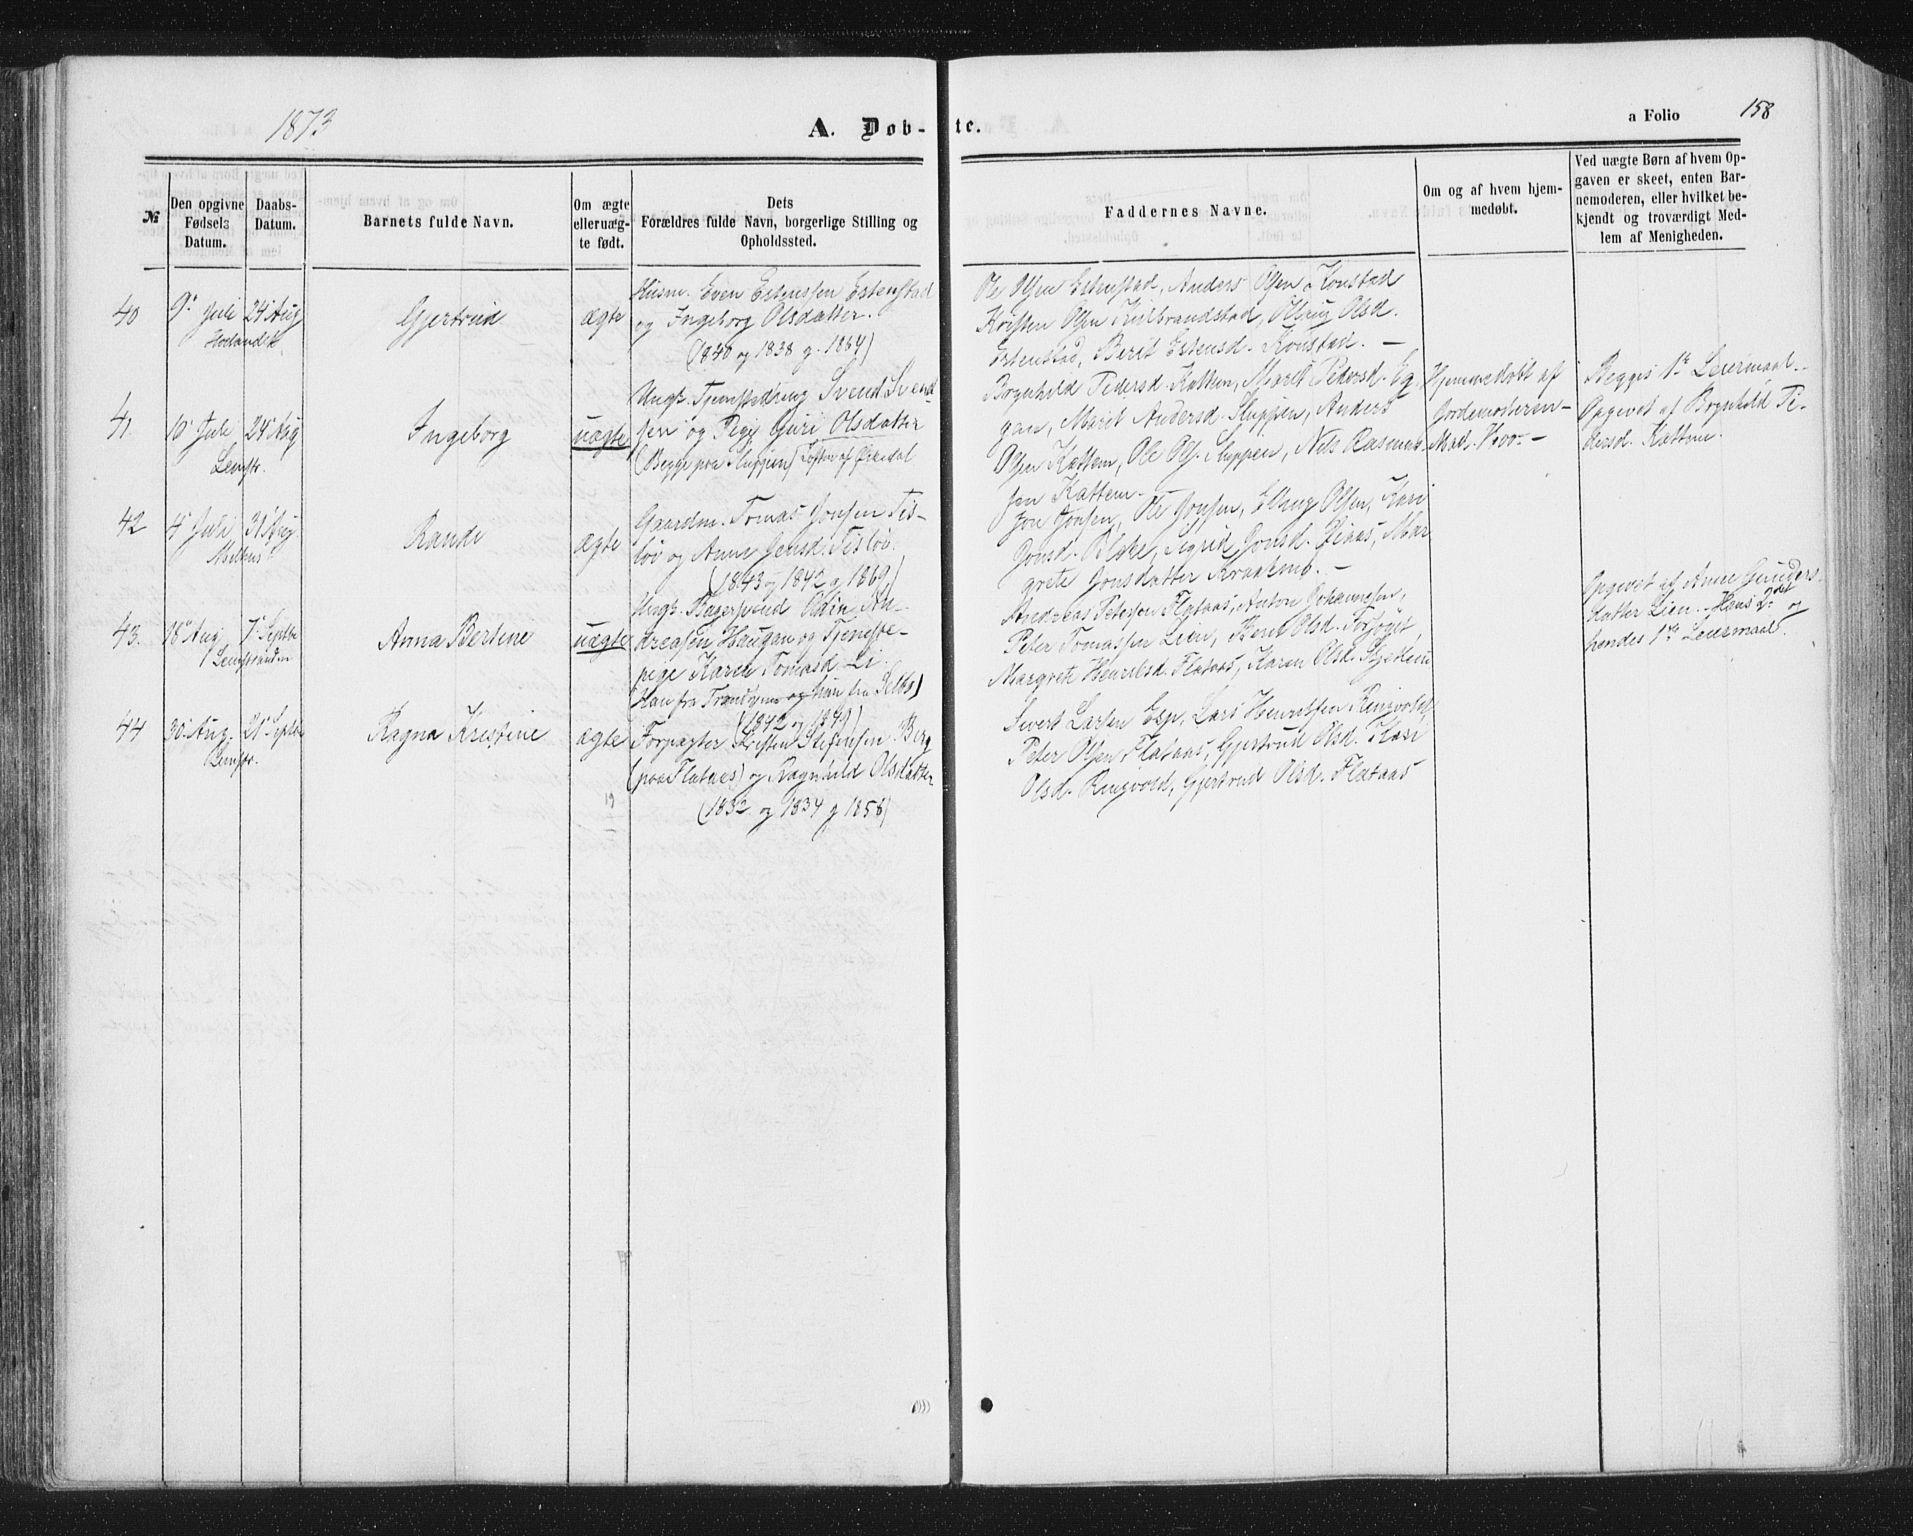 SAT, Ministerialprotokoller, klokkerbøker og fødselsregistre - Sør-Trøndelag, 691/L1077: Ministerialbok nr. 691A09, 1862-1873, s. 158